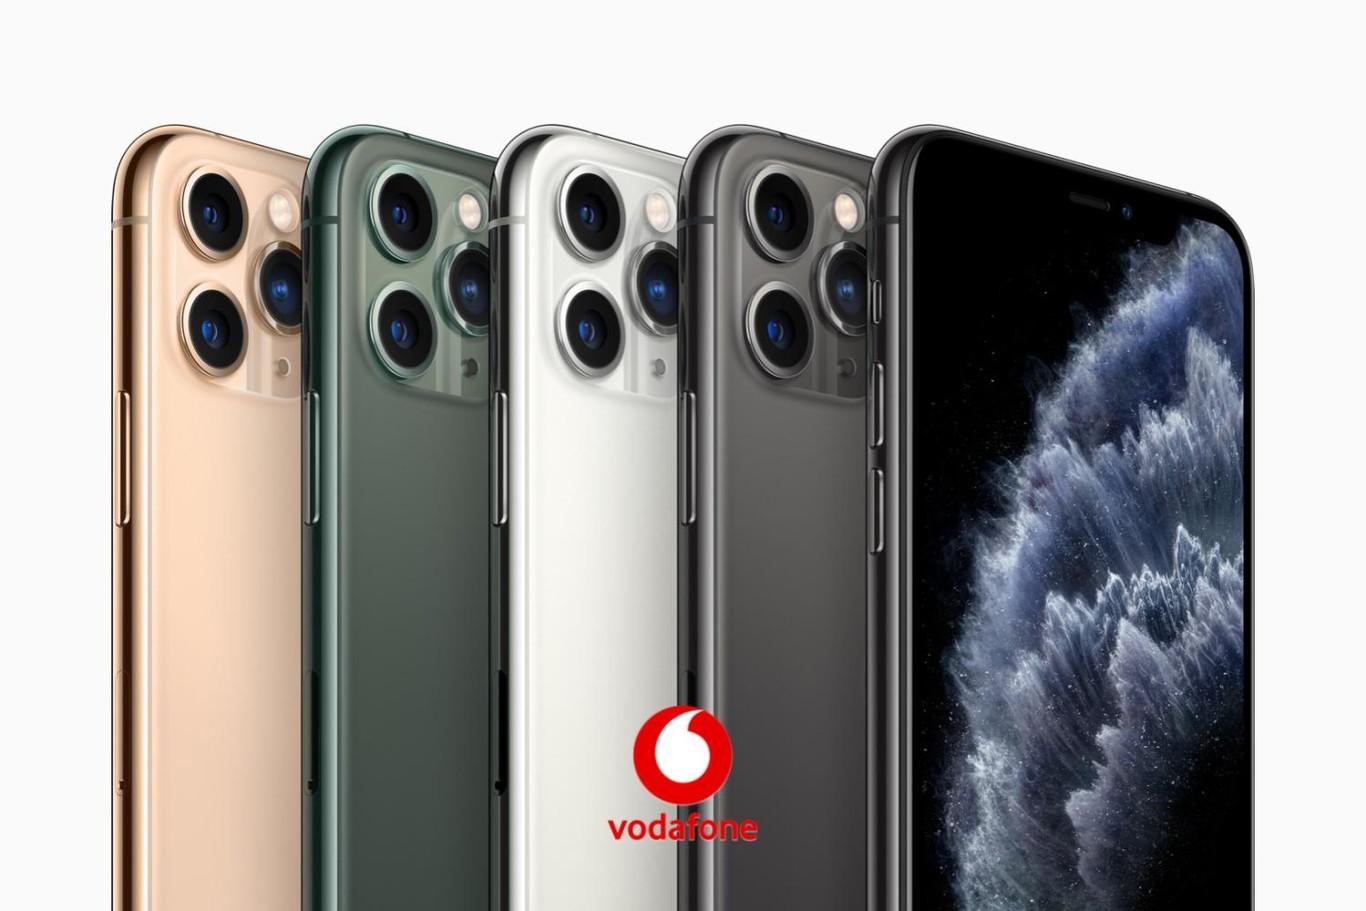 Precios Iphone 11 11 Pro Y 11 Pro Max Con Tarifas Vodafone